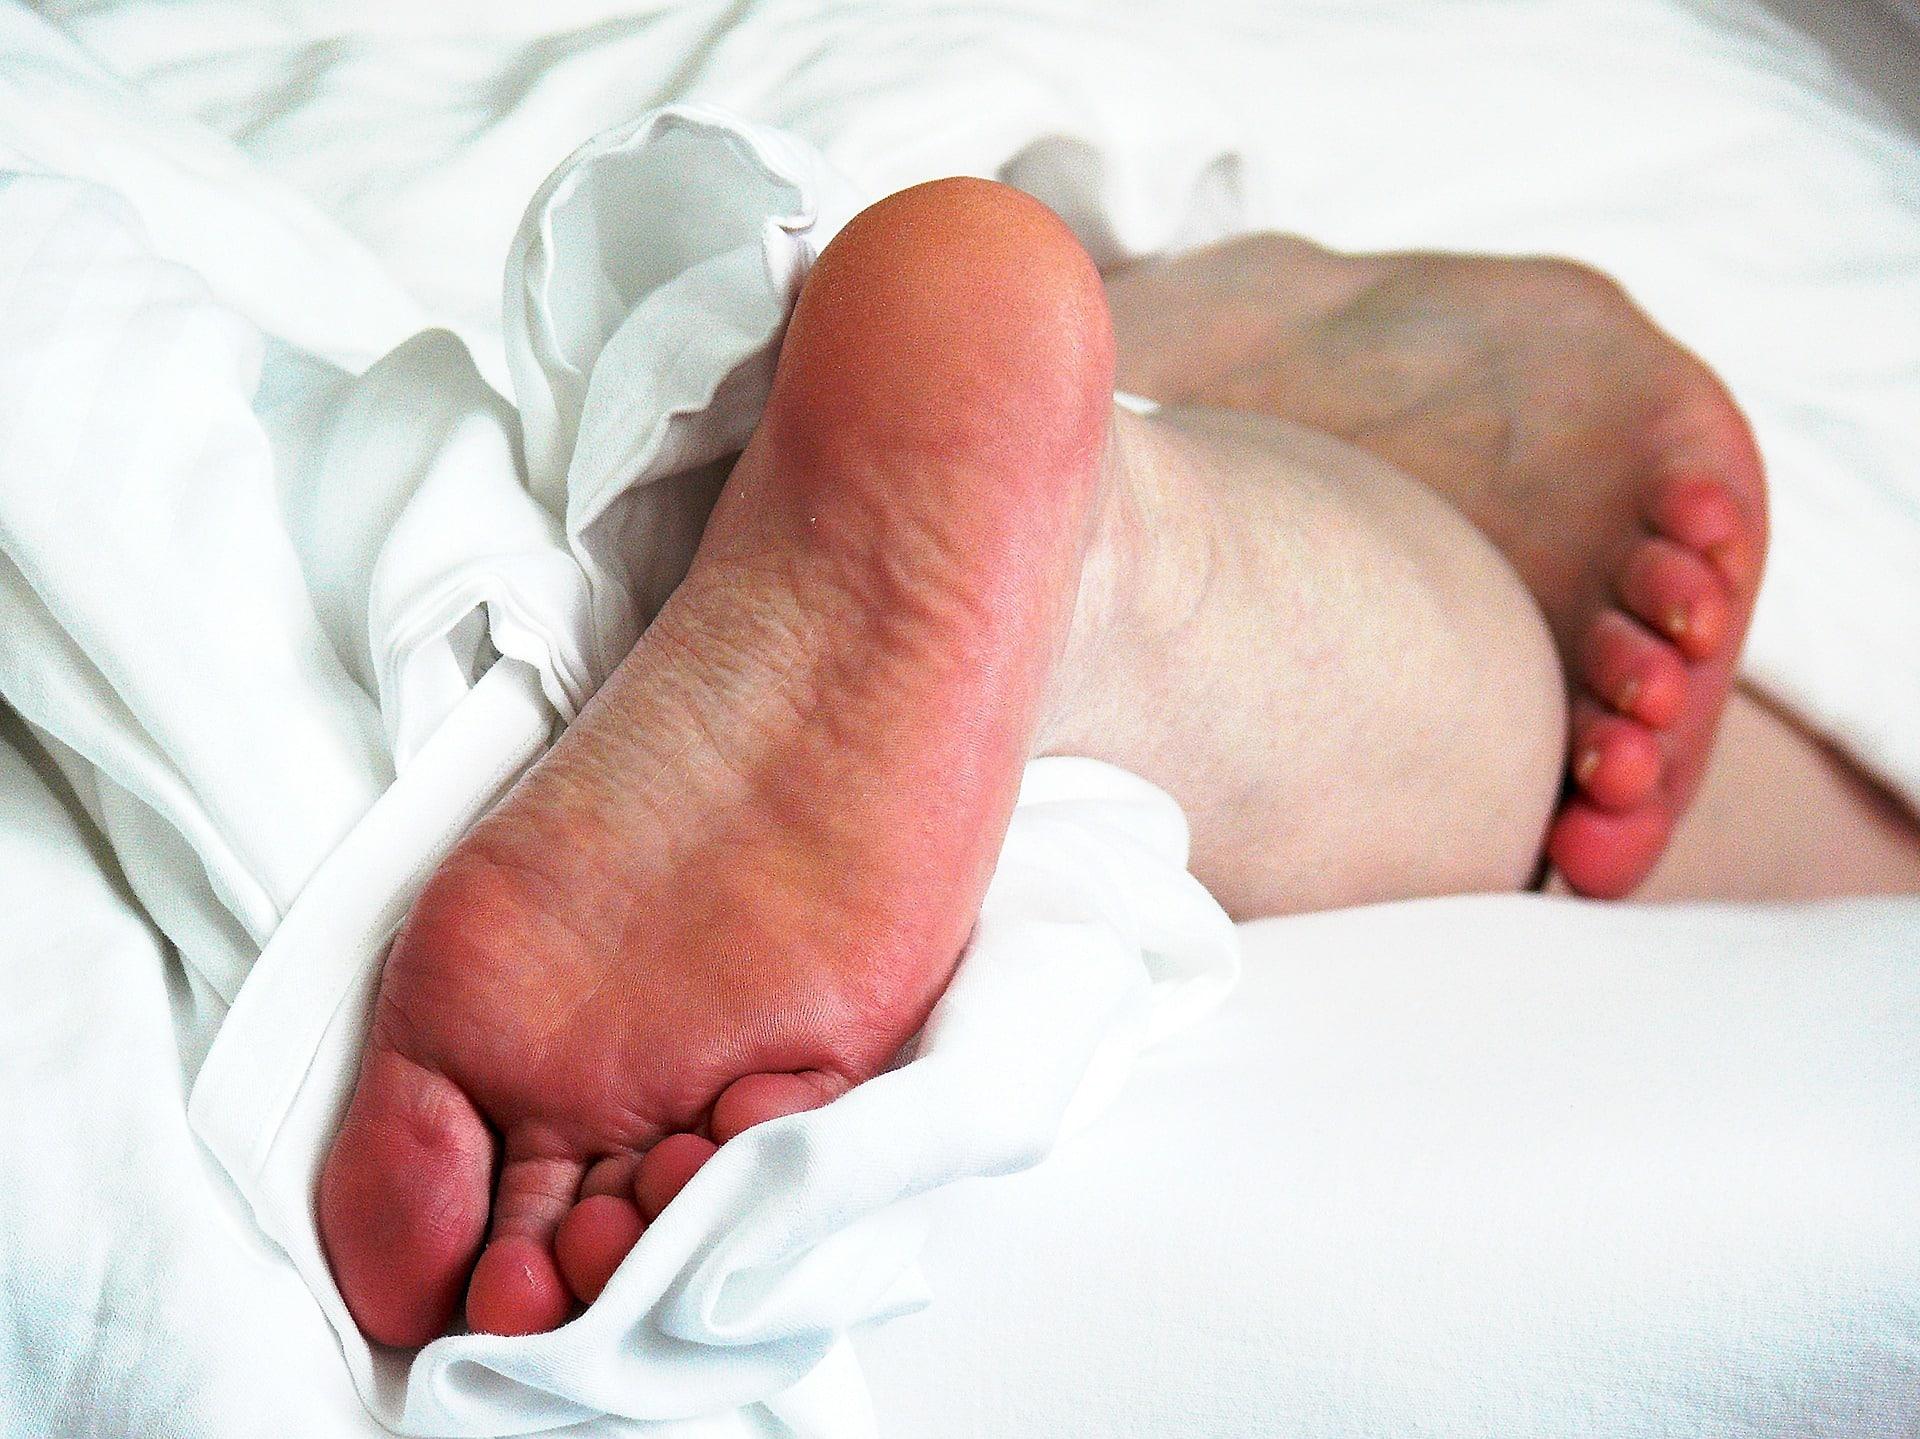 Juckreiz an den Füßen – das können Sie tun!